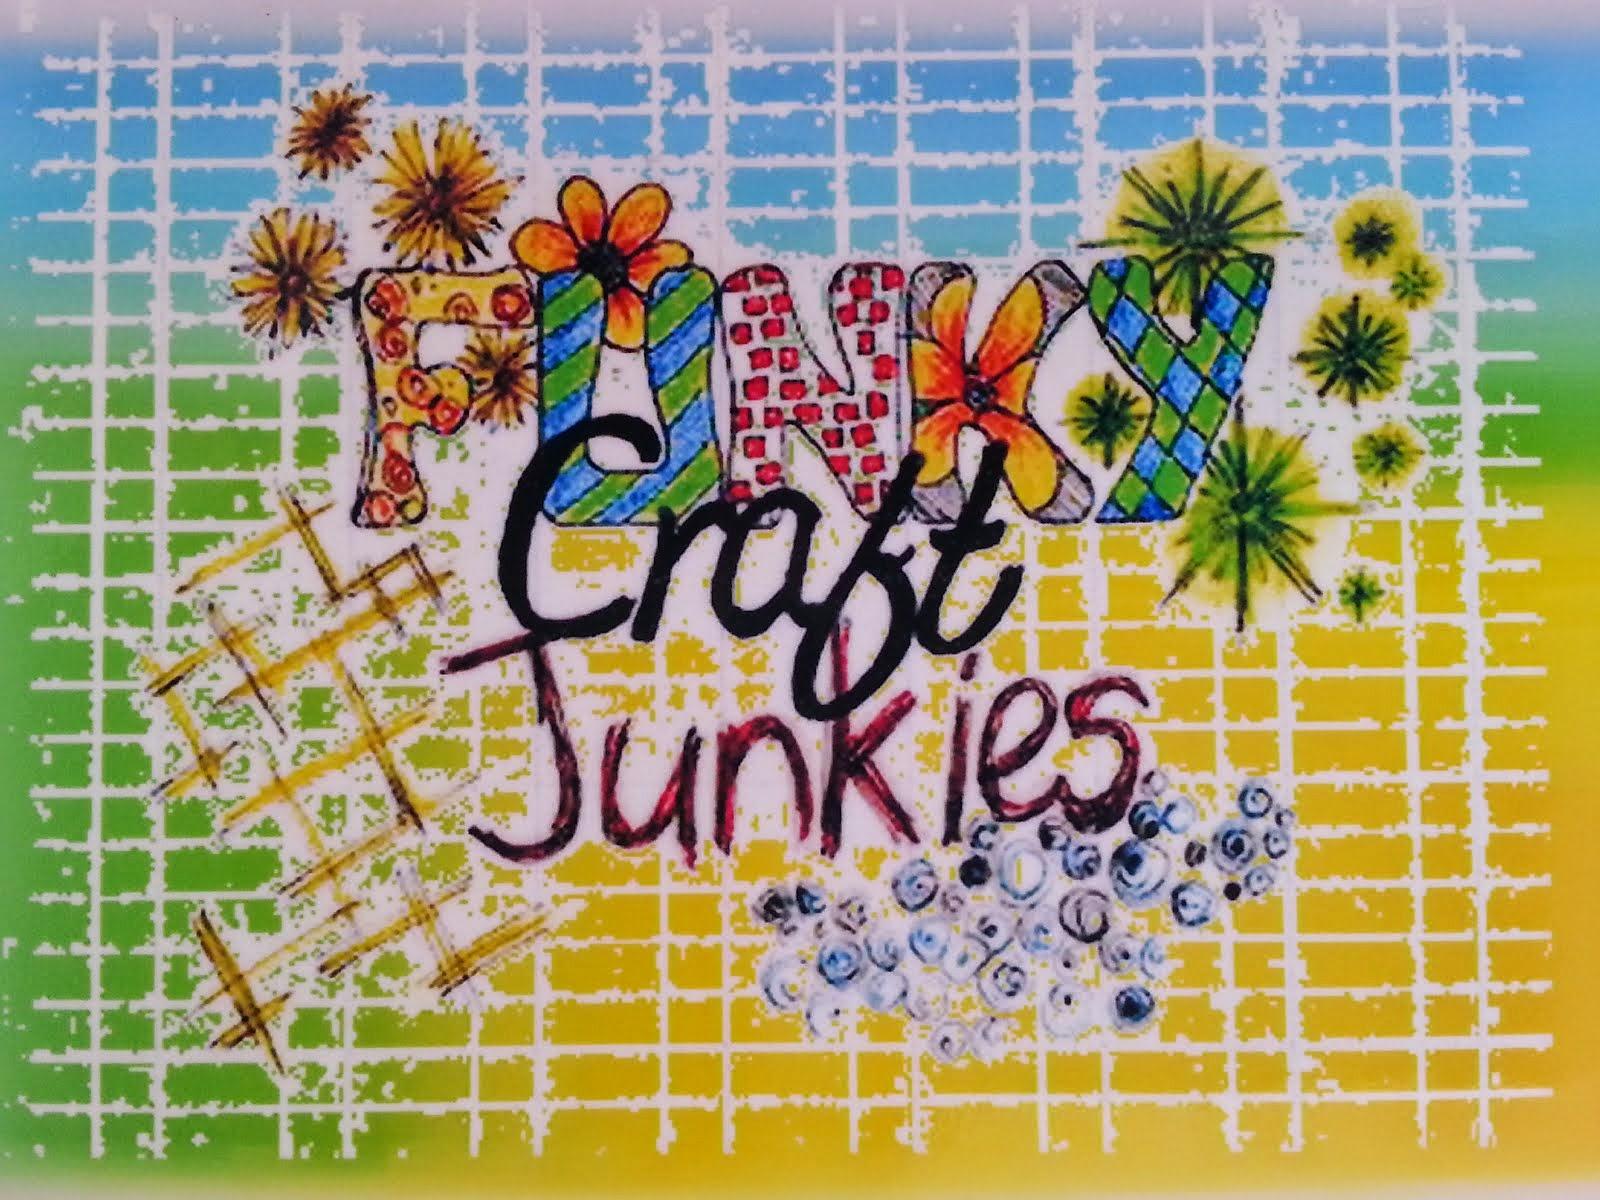 Funky Craft Junkies